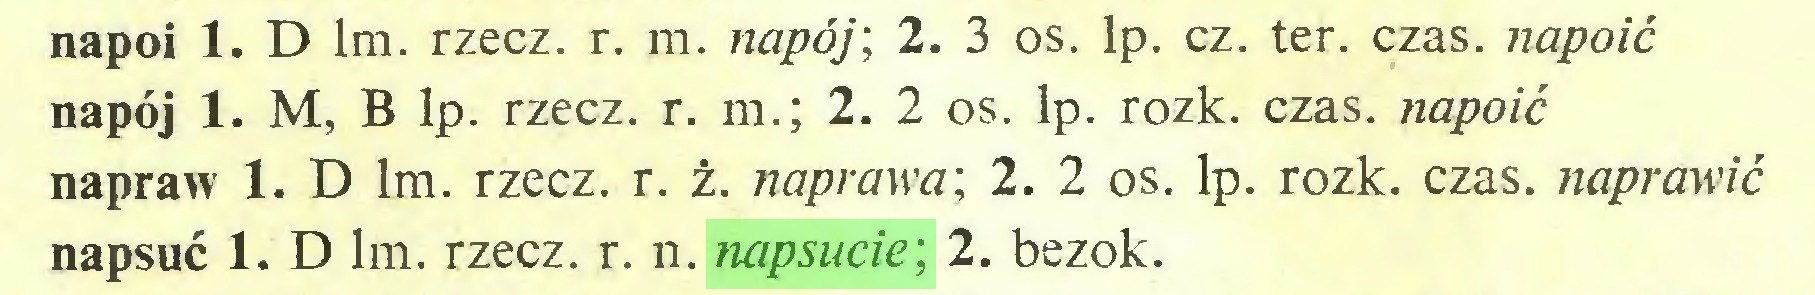 (...) napoi 1. D lm. rzecz. r. m. napój; 2. 3 os. lp. cz. ter. czas. napoić napój 1. M, B lp. rzecz. r. m.; 2. 2 os. lp. rozk. czas. napoić napraw 1. D lm. rzecz. r. ż. naprawa; 2. 2 os. lp. rozk. czas. naprawić napsuć 1. D lm. rzecz. r. n. napsucie; 2. bezok...